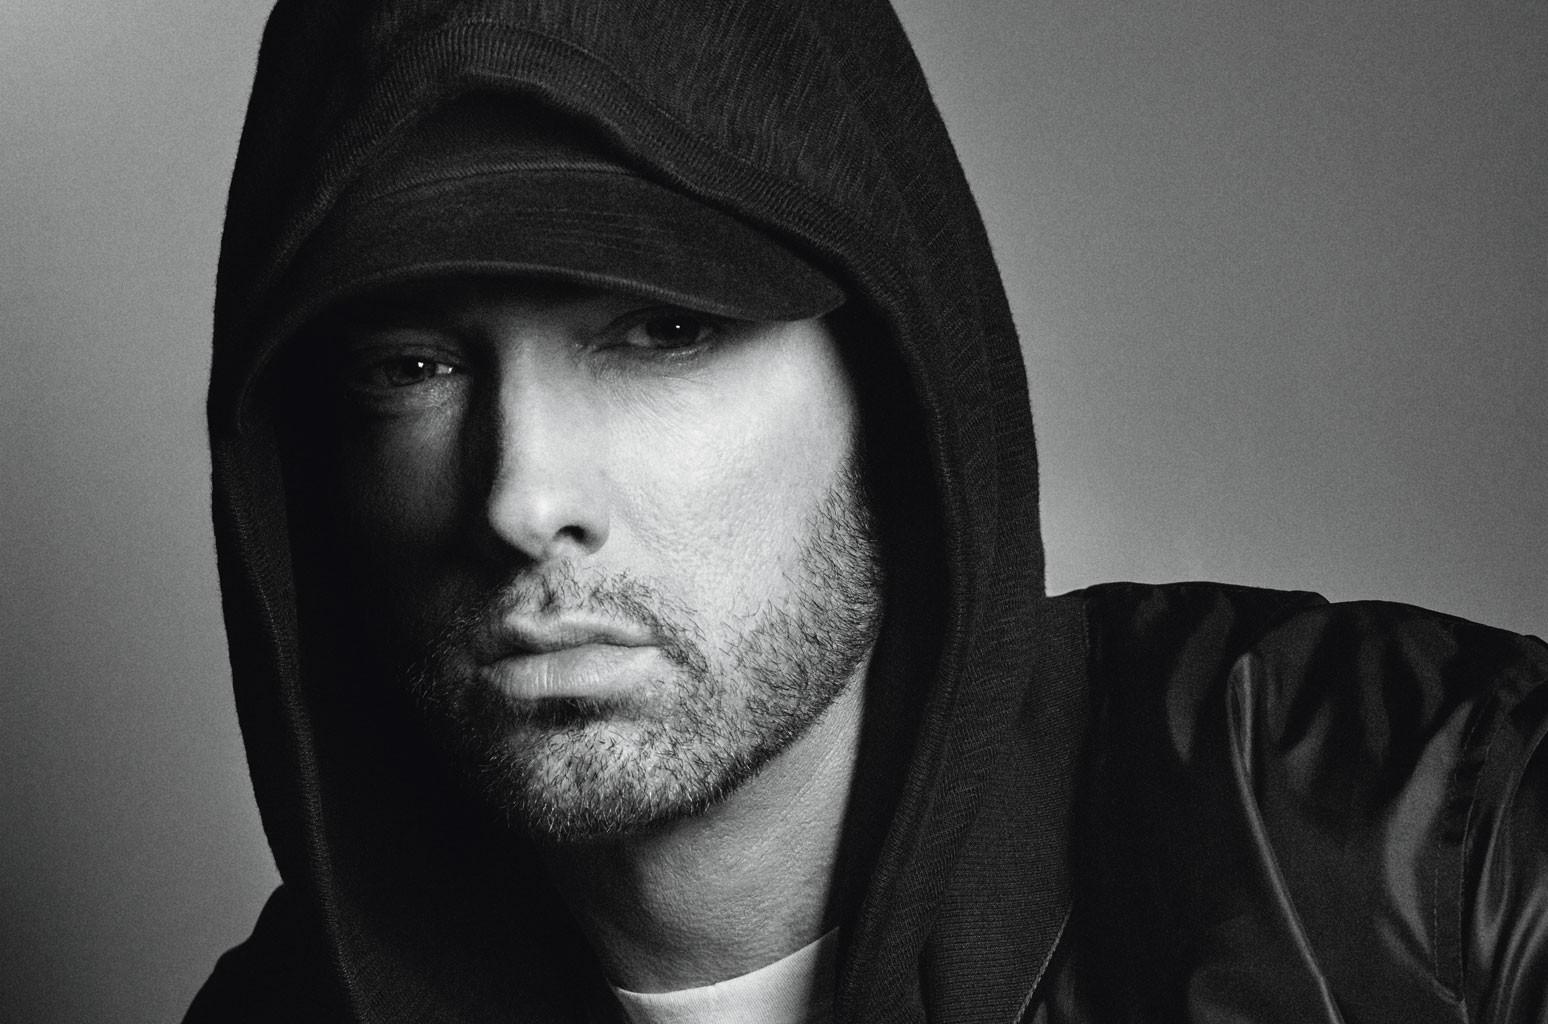 Эминем выпустил музыкальное видео 'Higher' с камео от Даны Уайт и Майкла Ивса